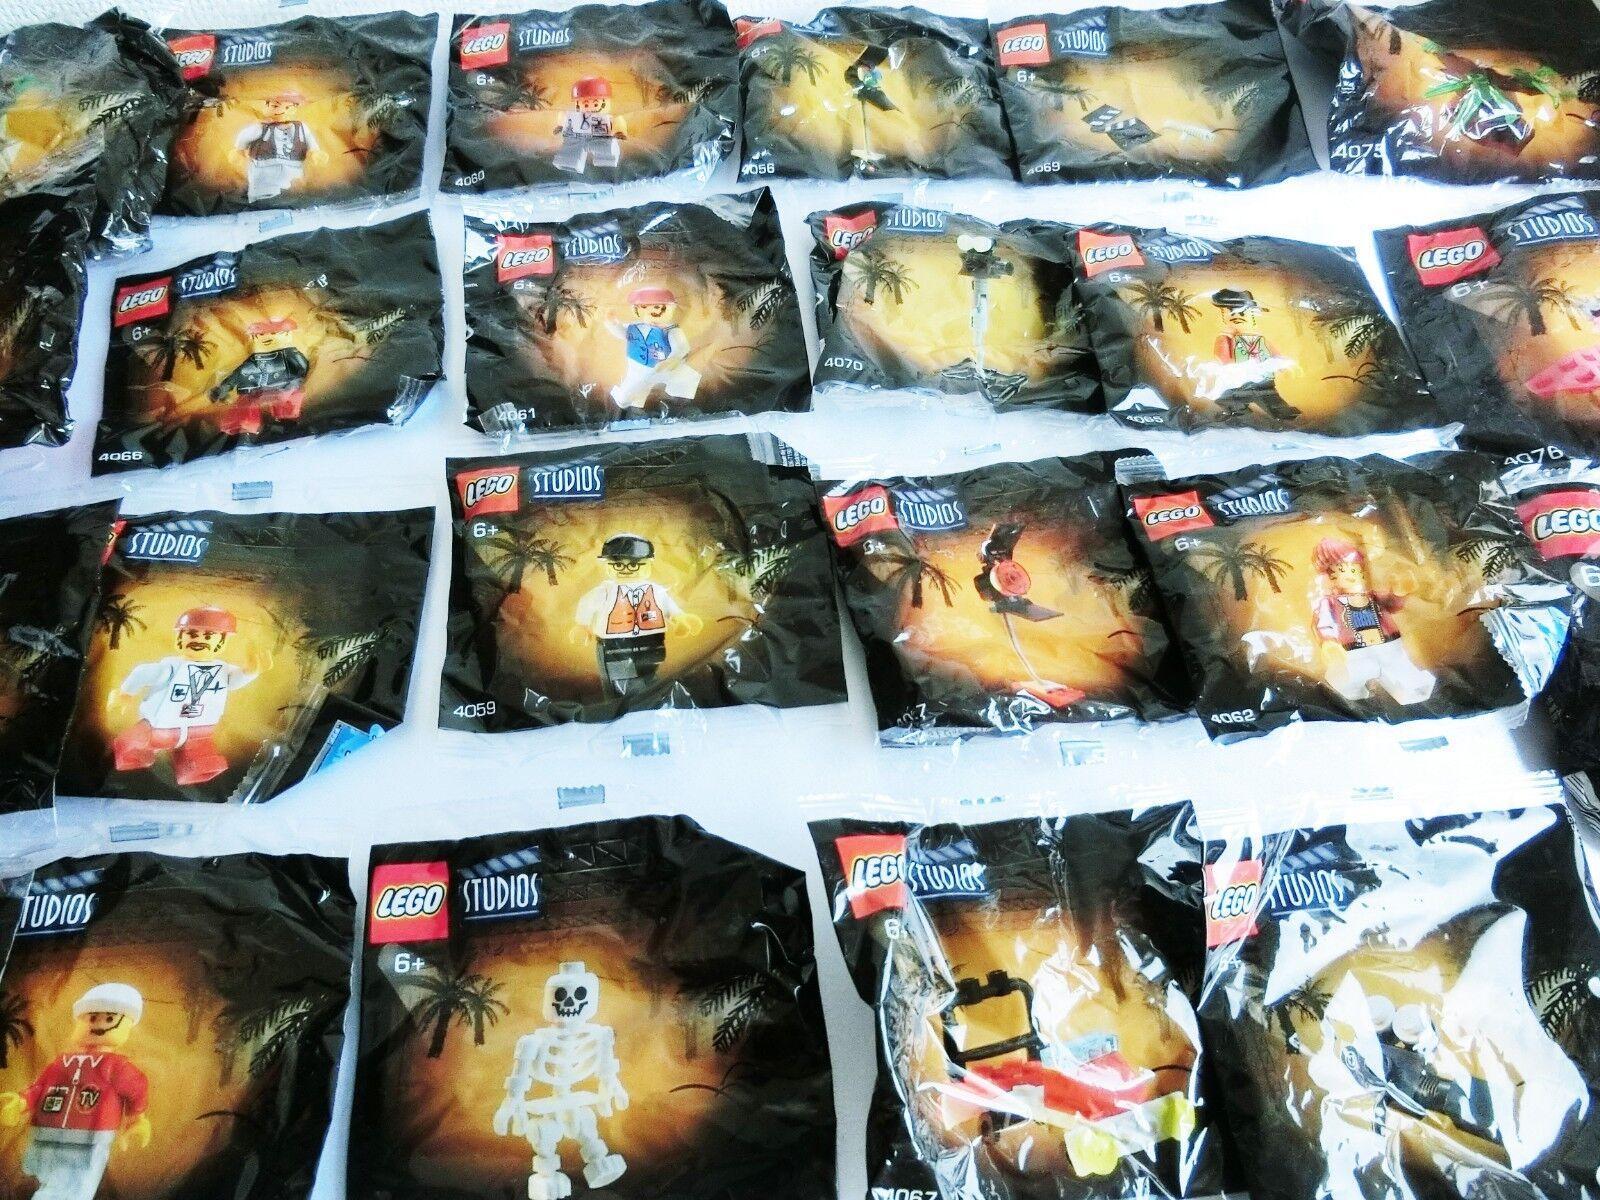 LEGO STUDIOS Coca Cola Original Item All 24 species Complete set 4073 4063 Japan